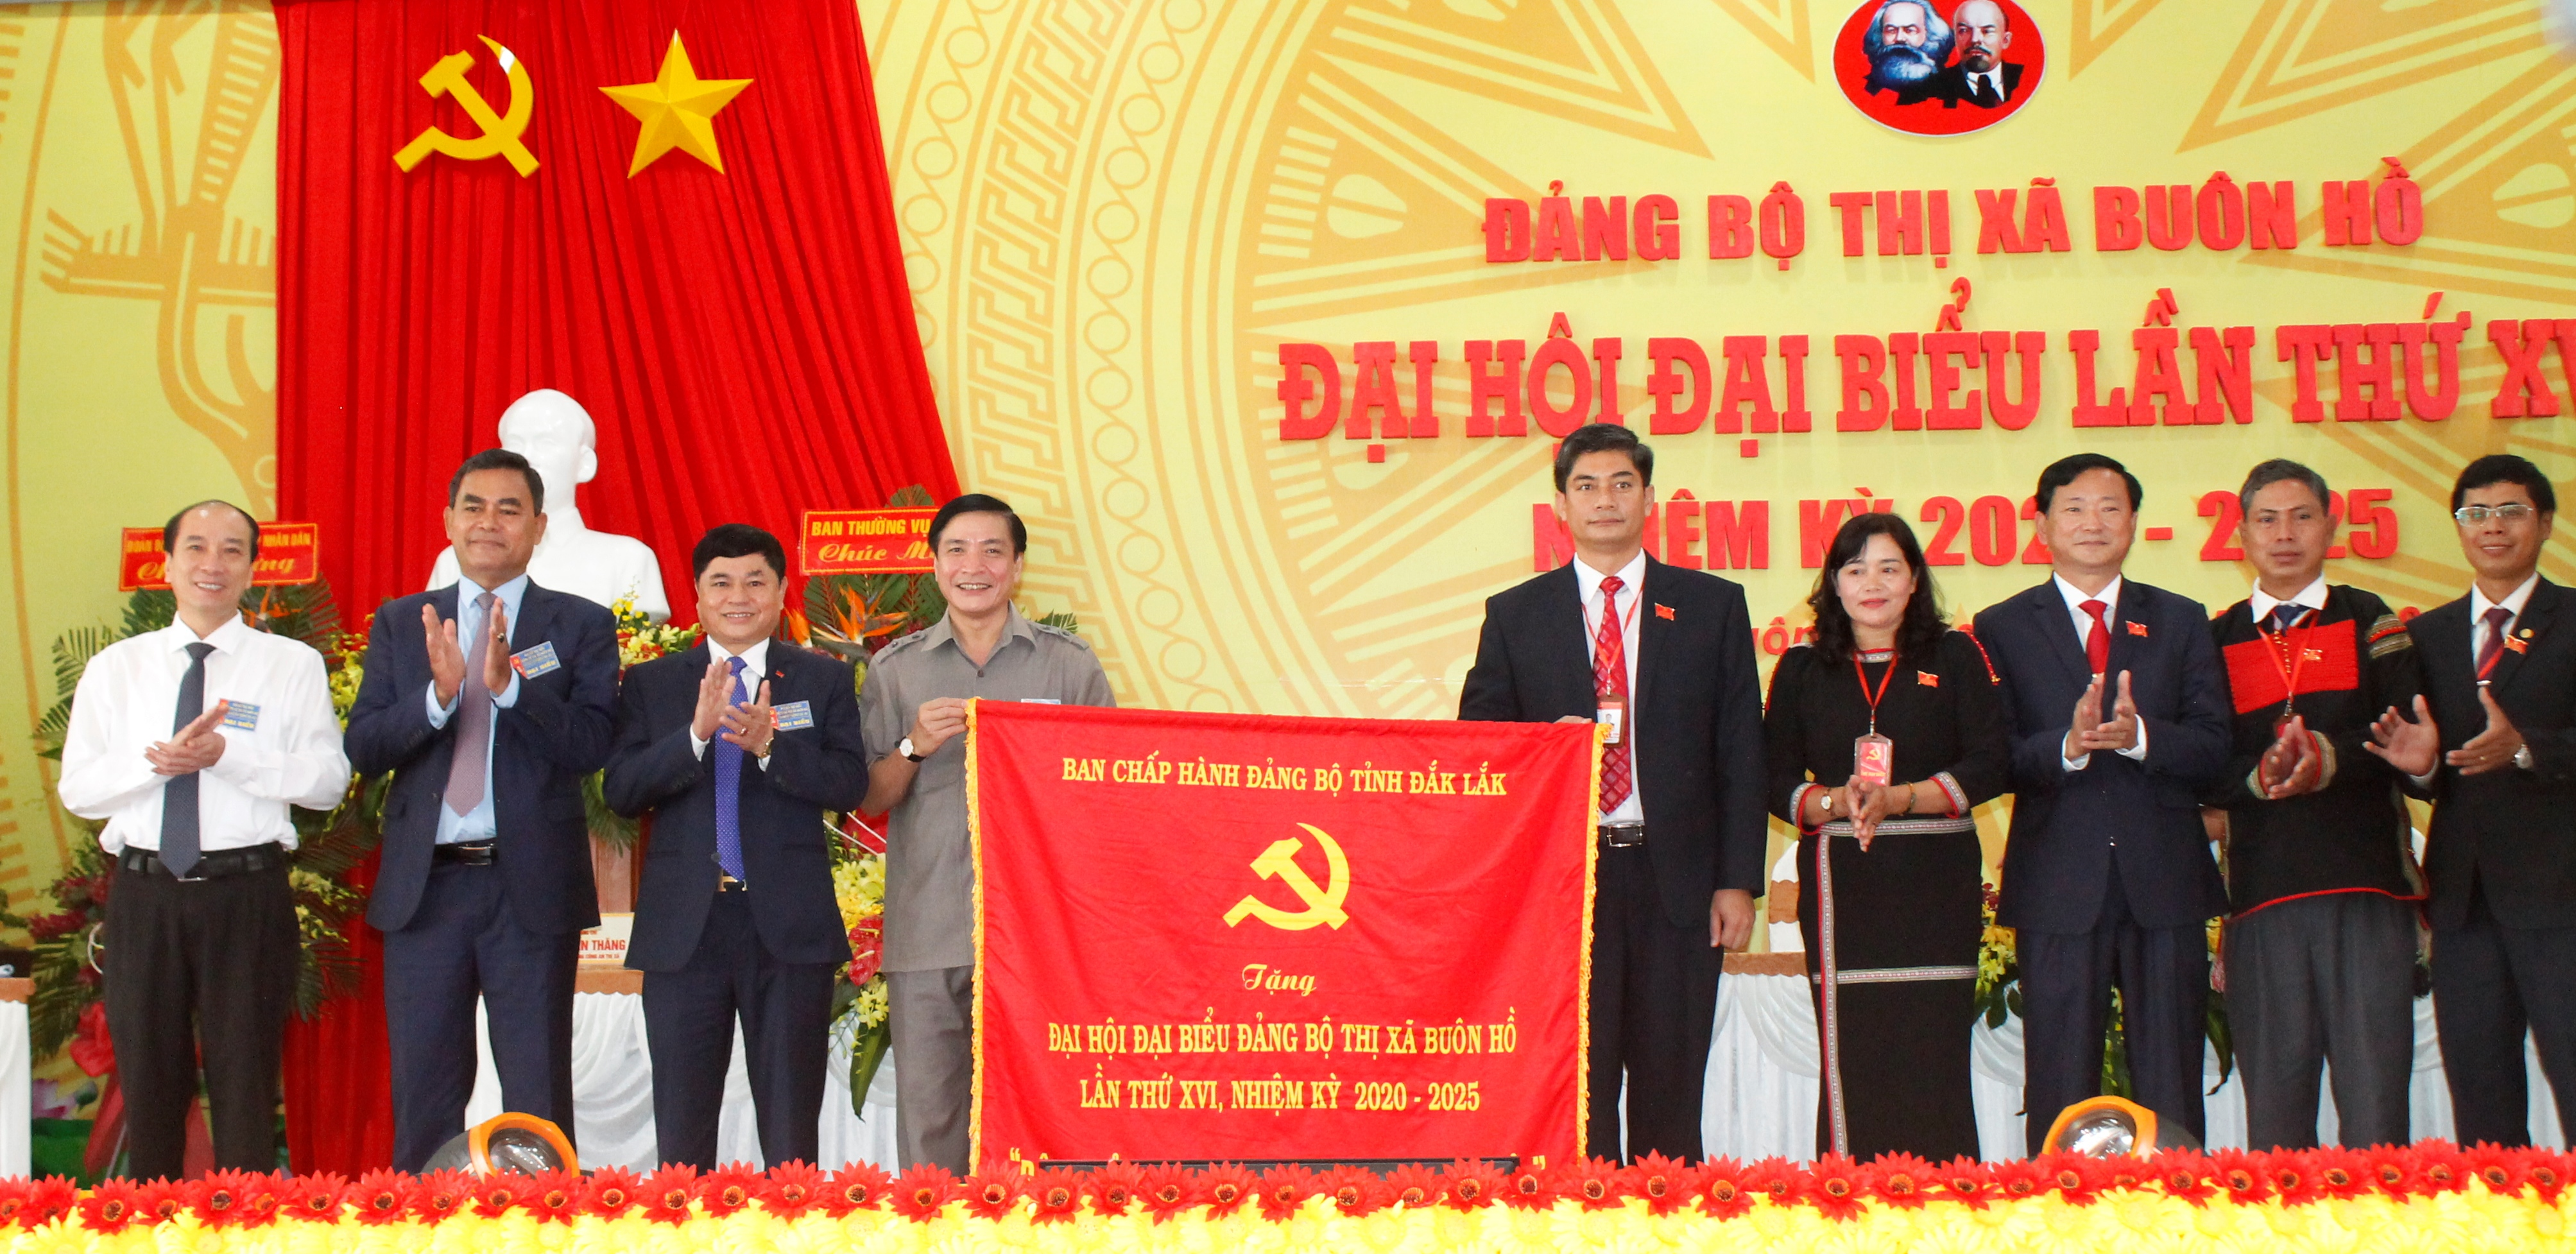 Đại hội đại biểu Đảng bộ thị xã Buôn Hồ lần thứ XVI, nhiệm kỳ 2020-2025